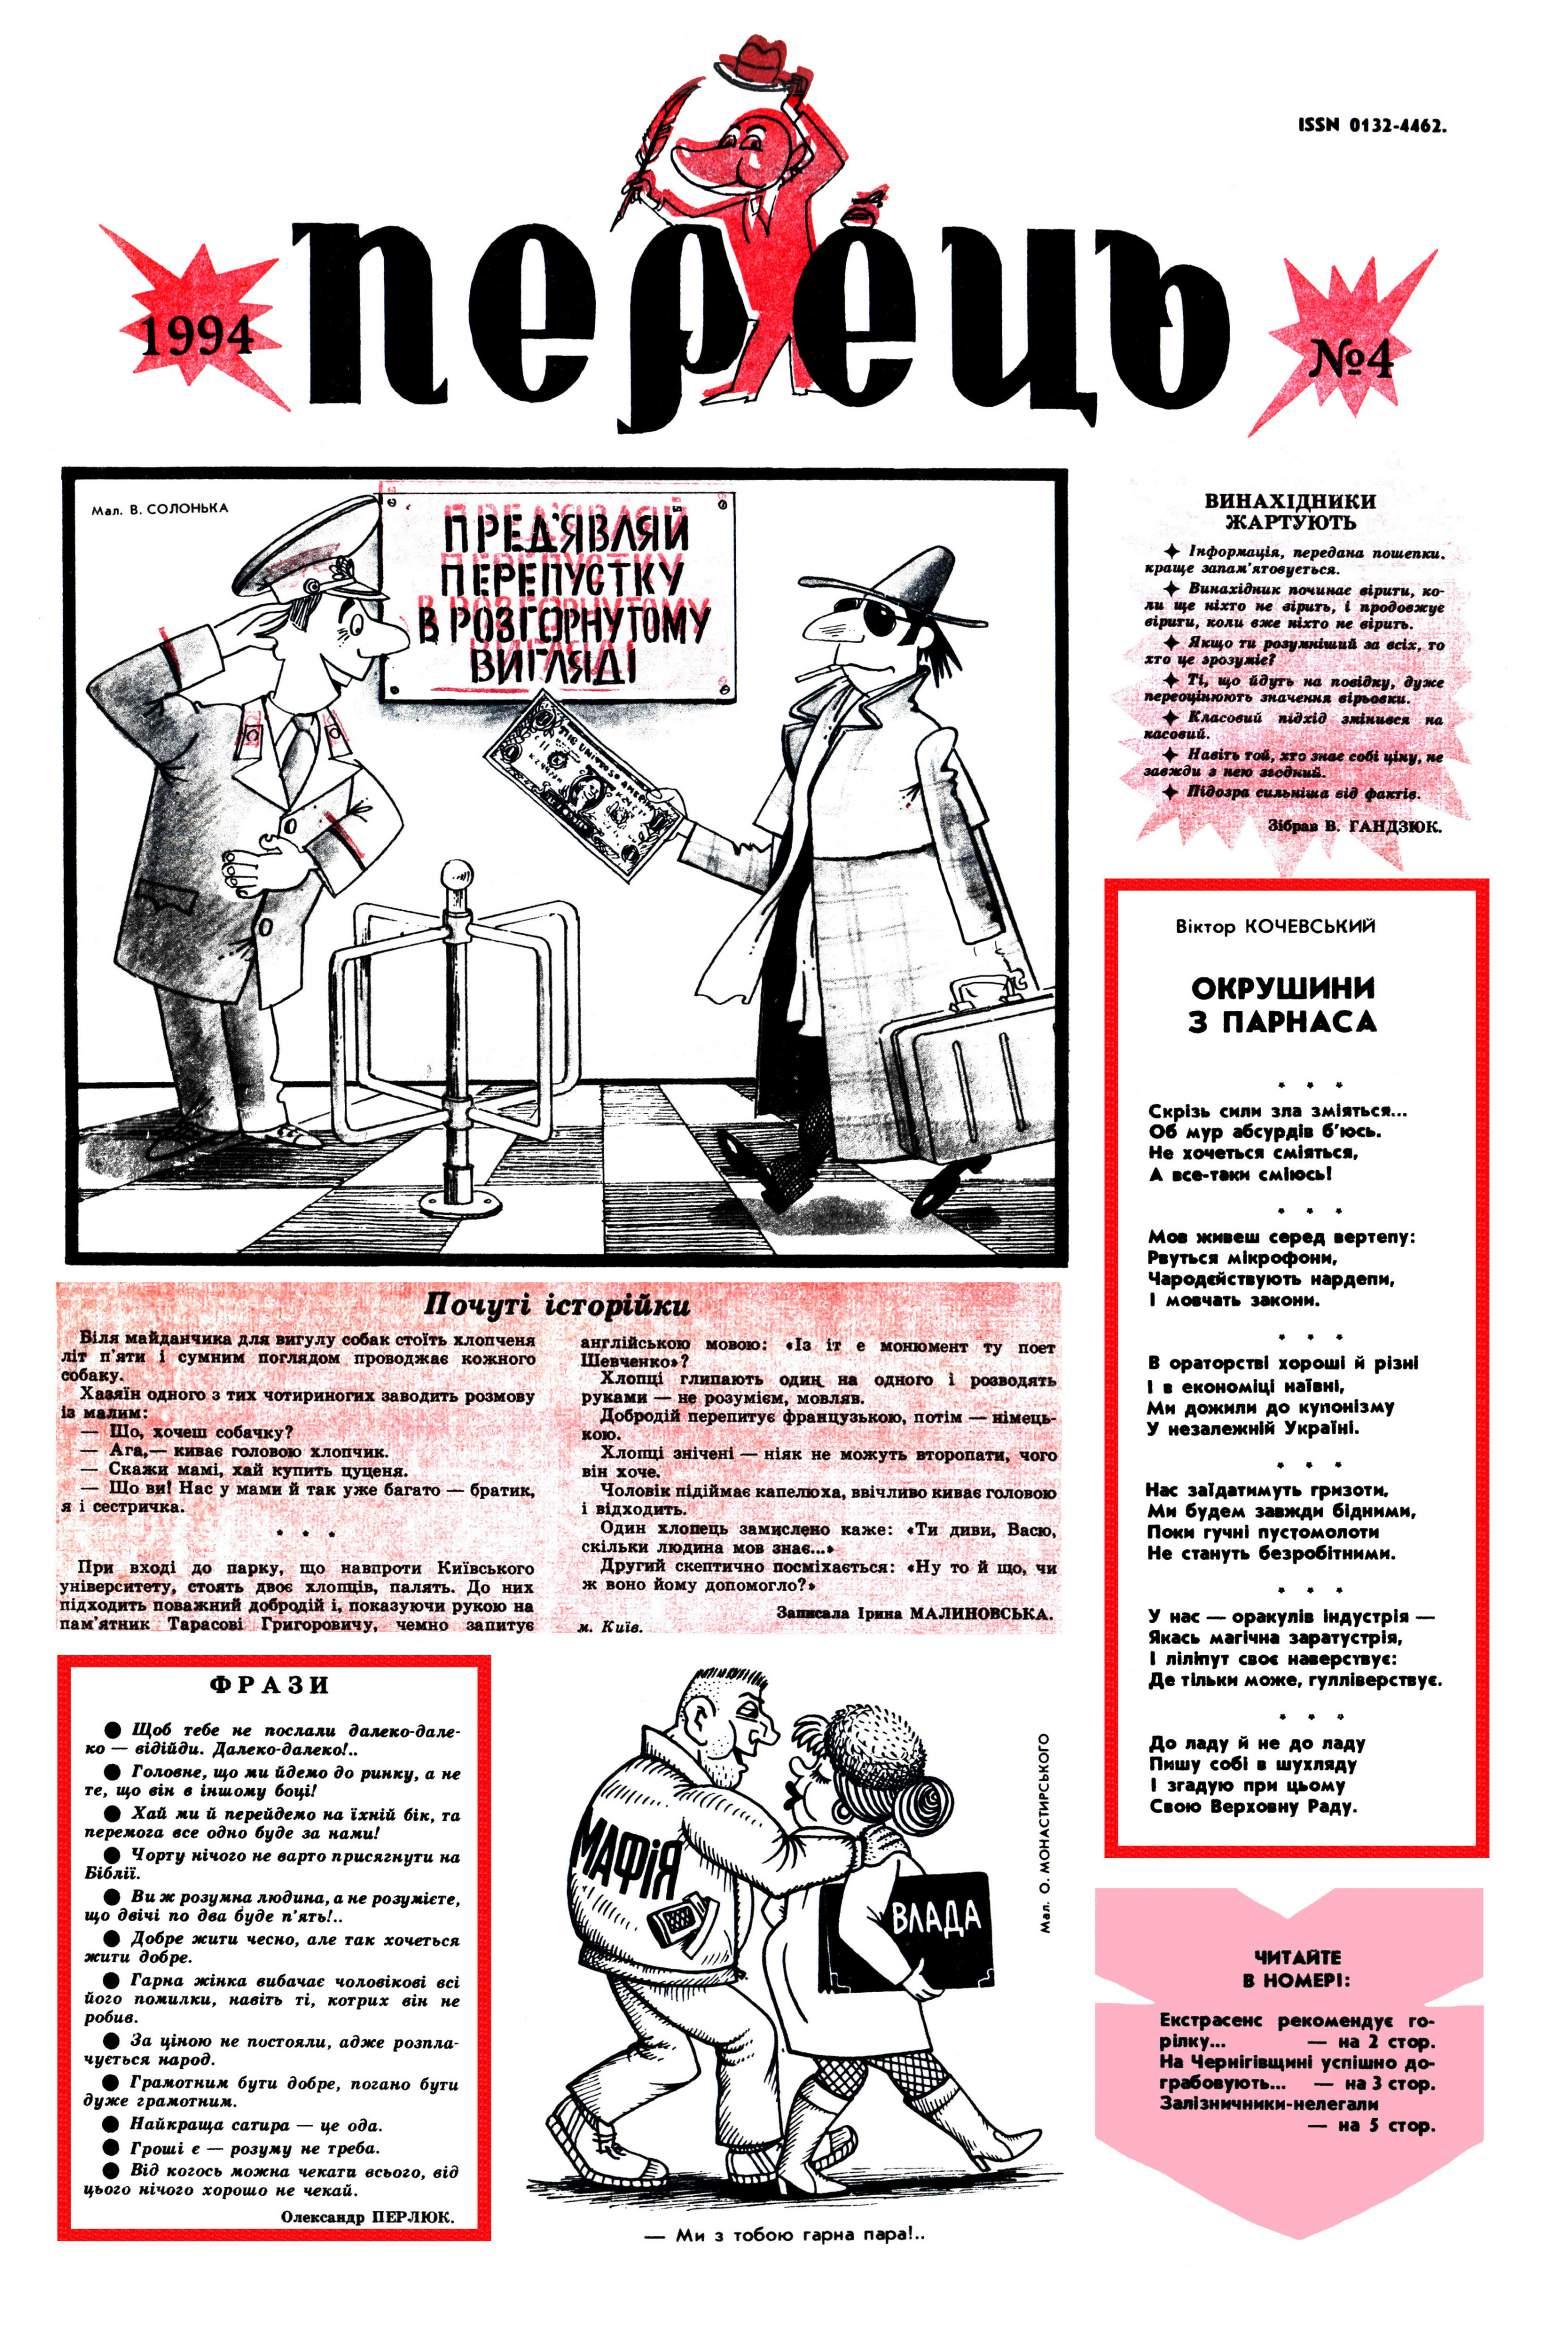 Журнал перець 1994 №04